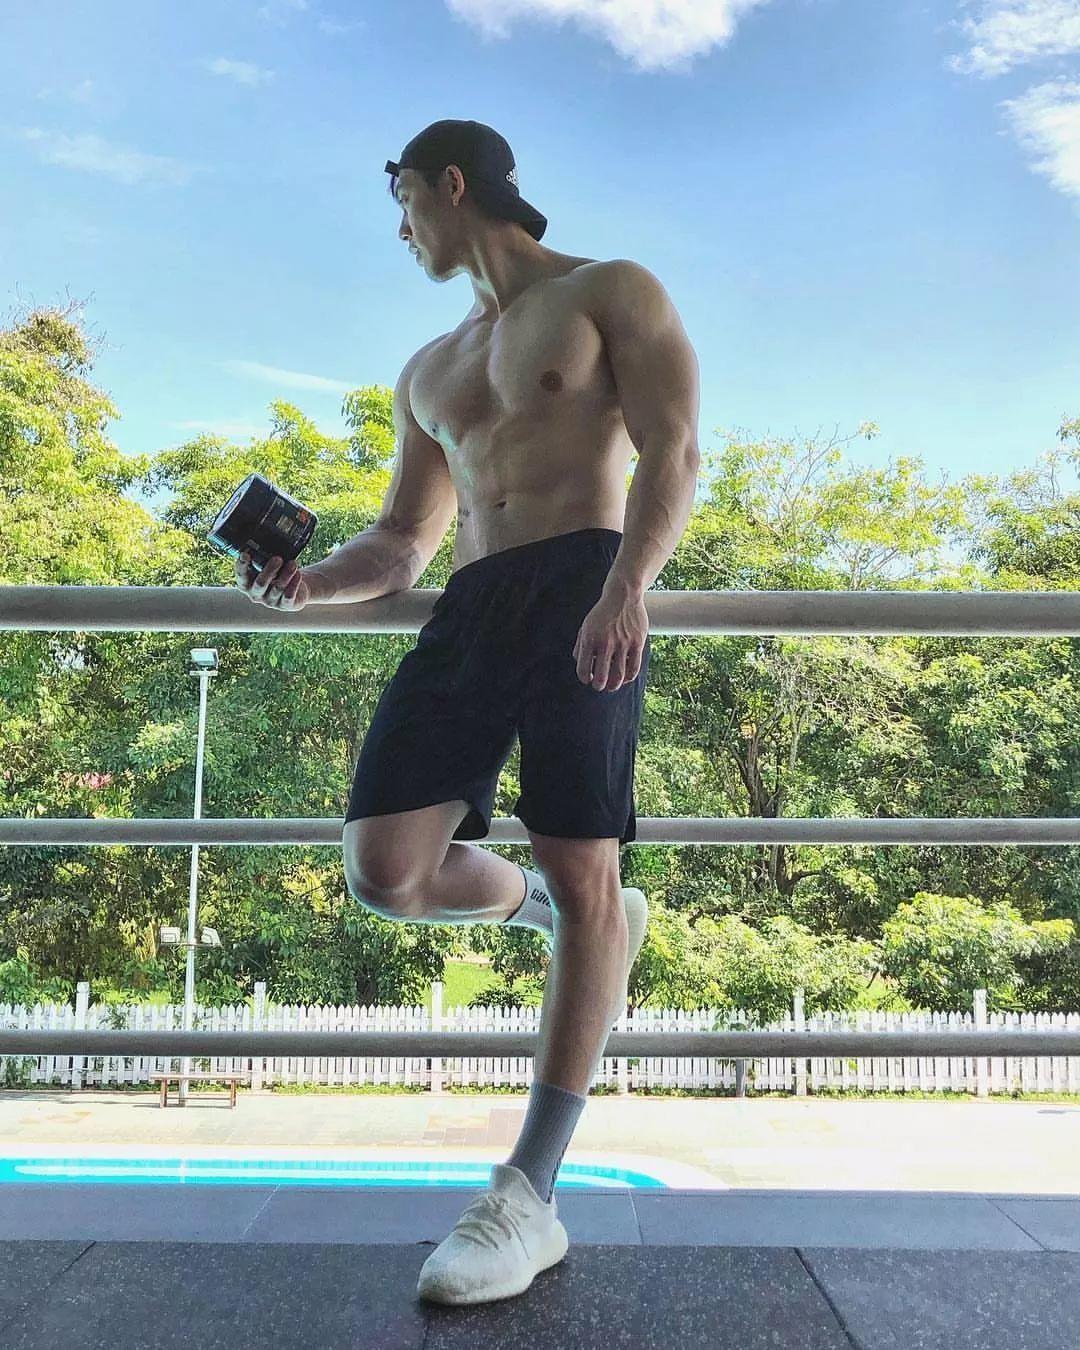 筋肉小狼狗泳池硬照一览!